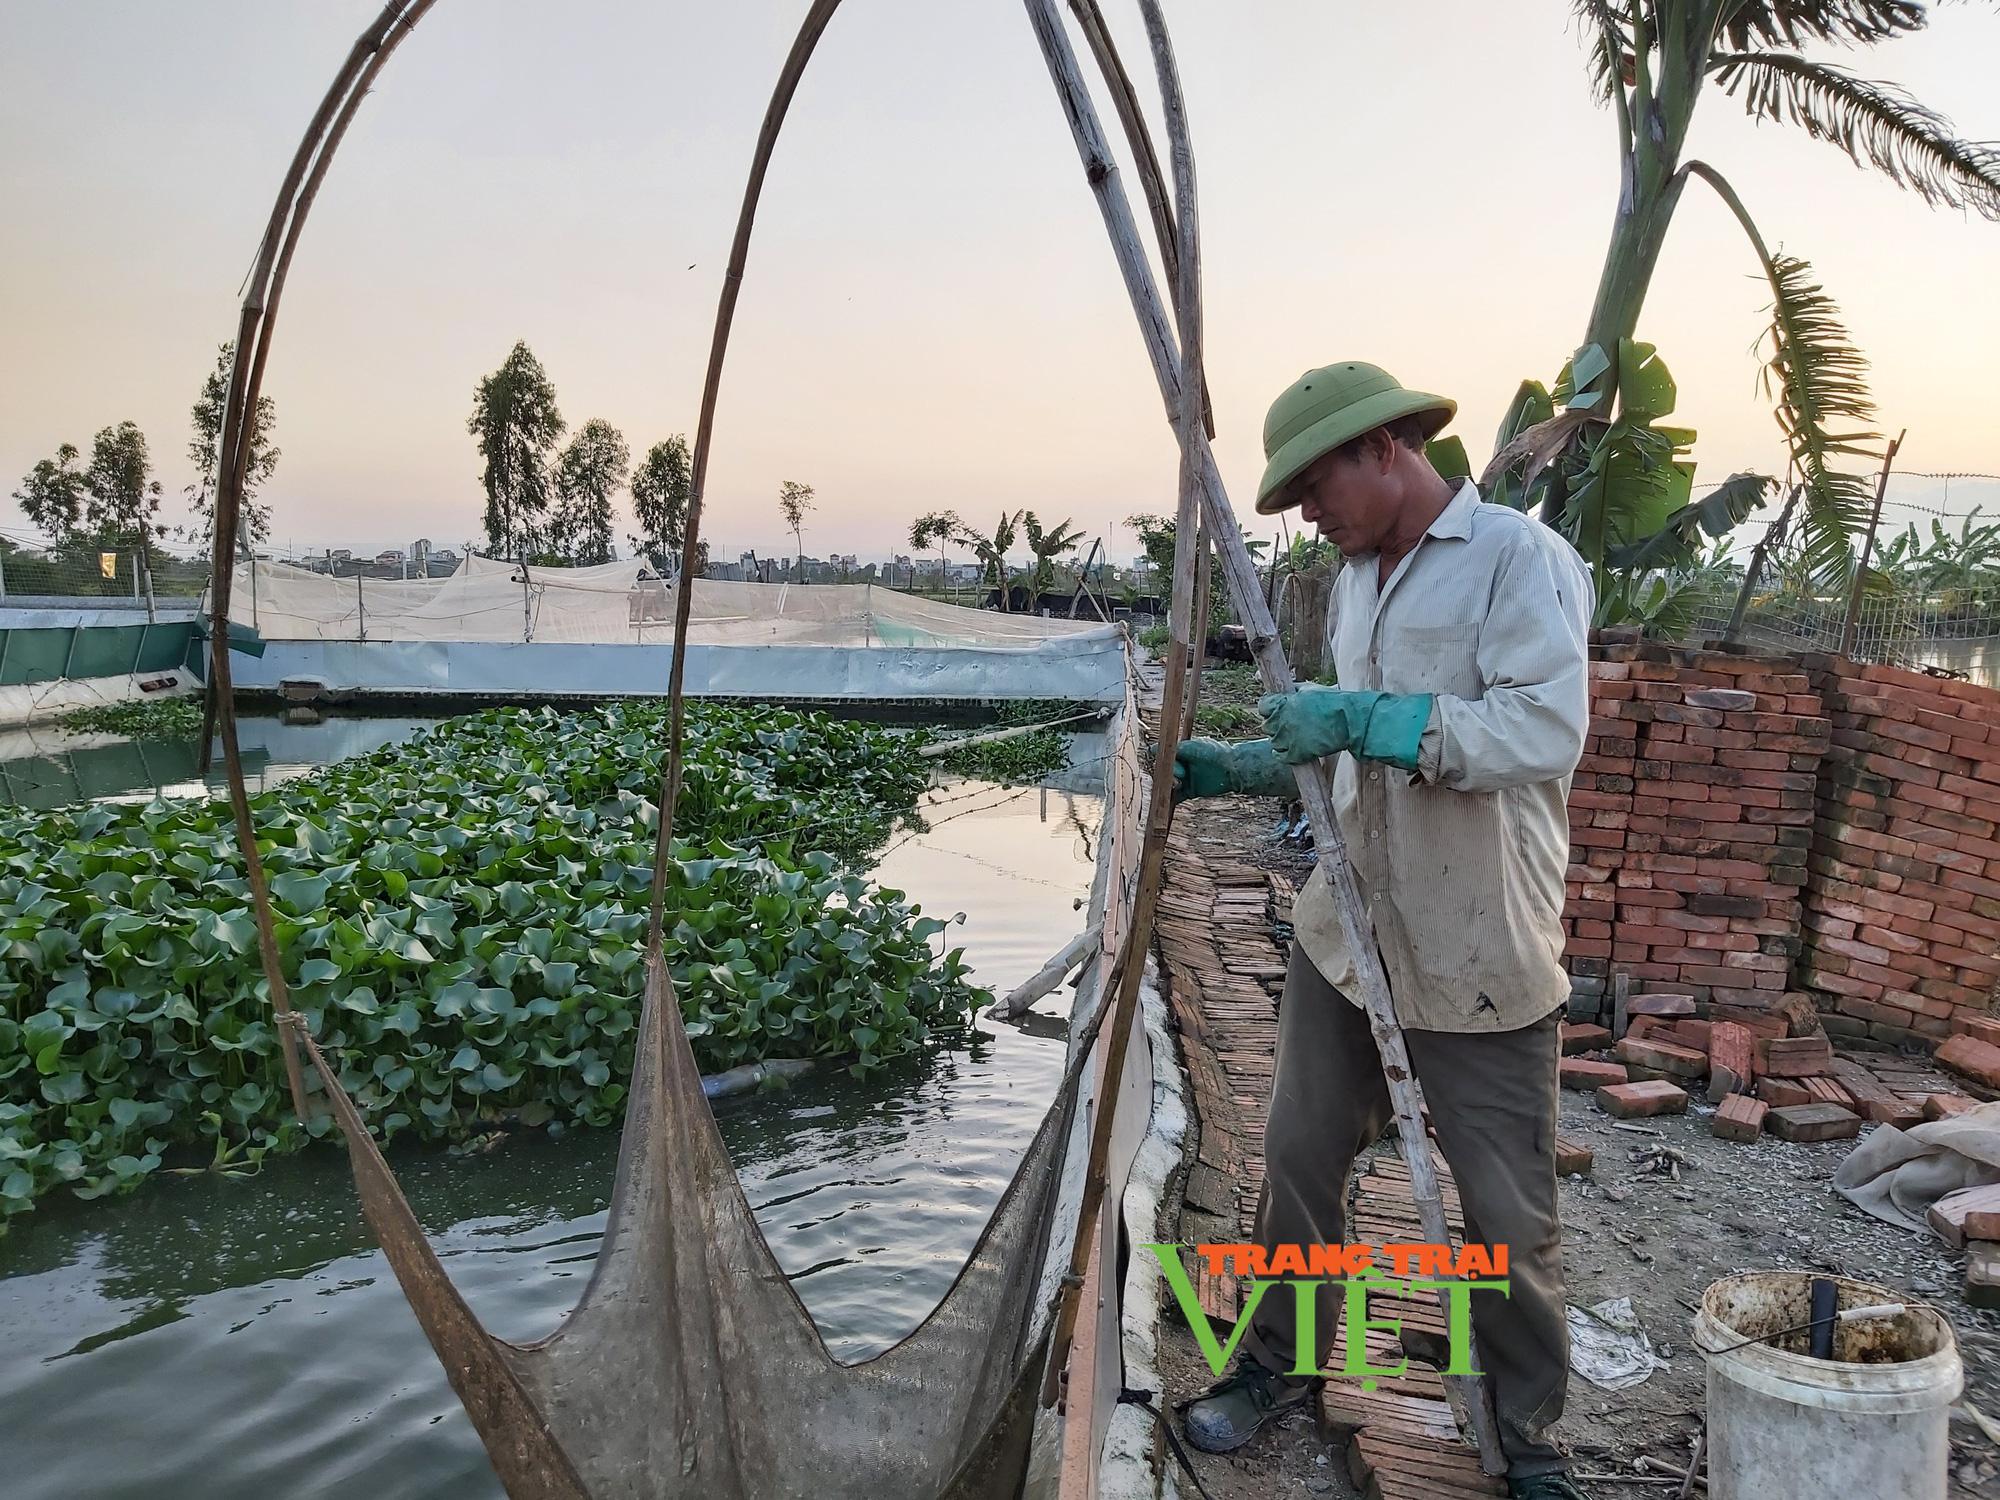 Hà Nội: Lão nông U50 thả nuôi ba ba gai cùng cá chuối hoa,  - Ảnh 10.